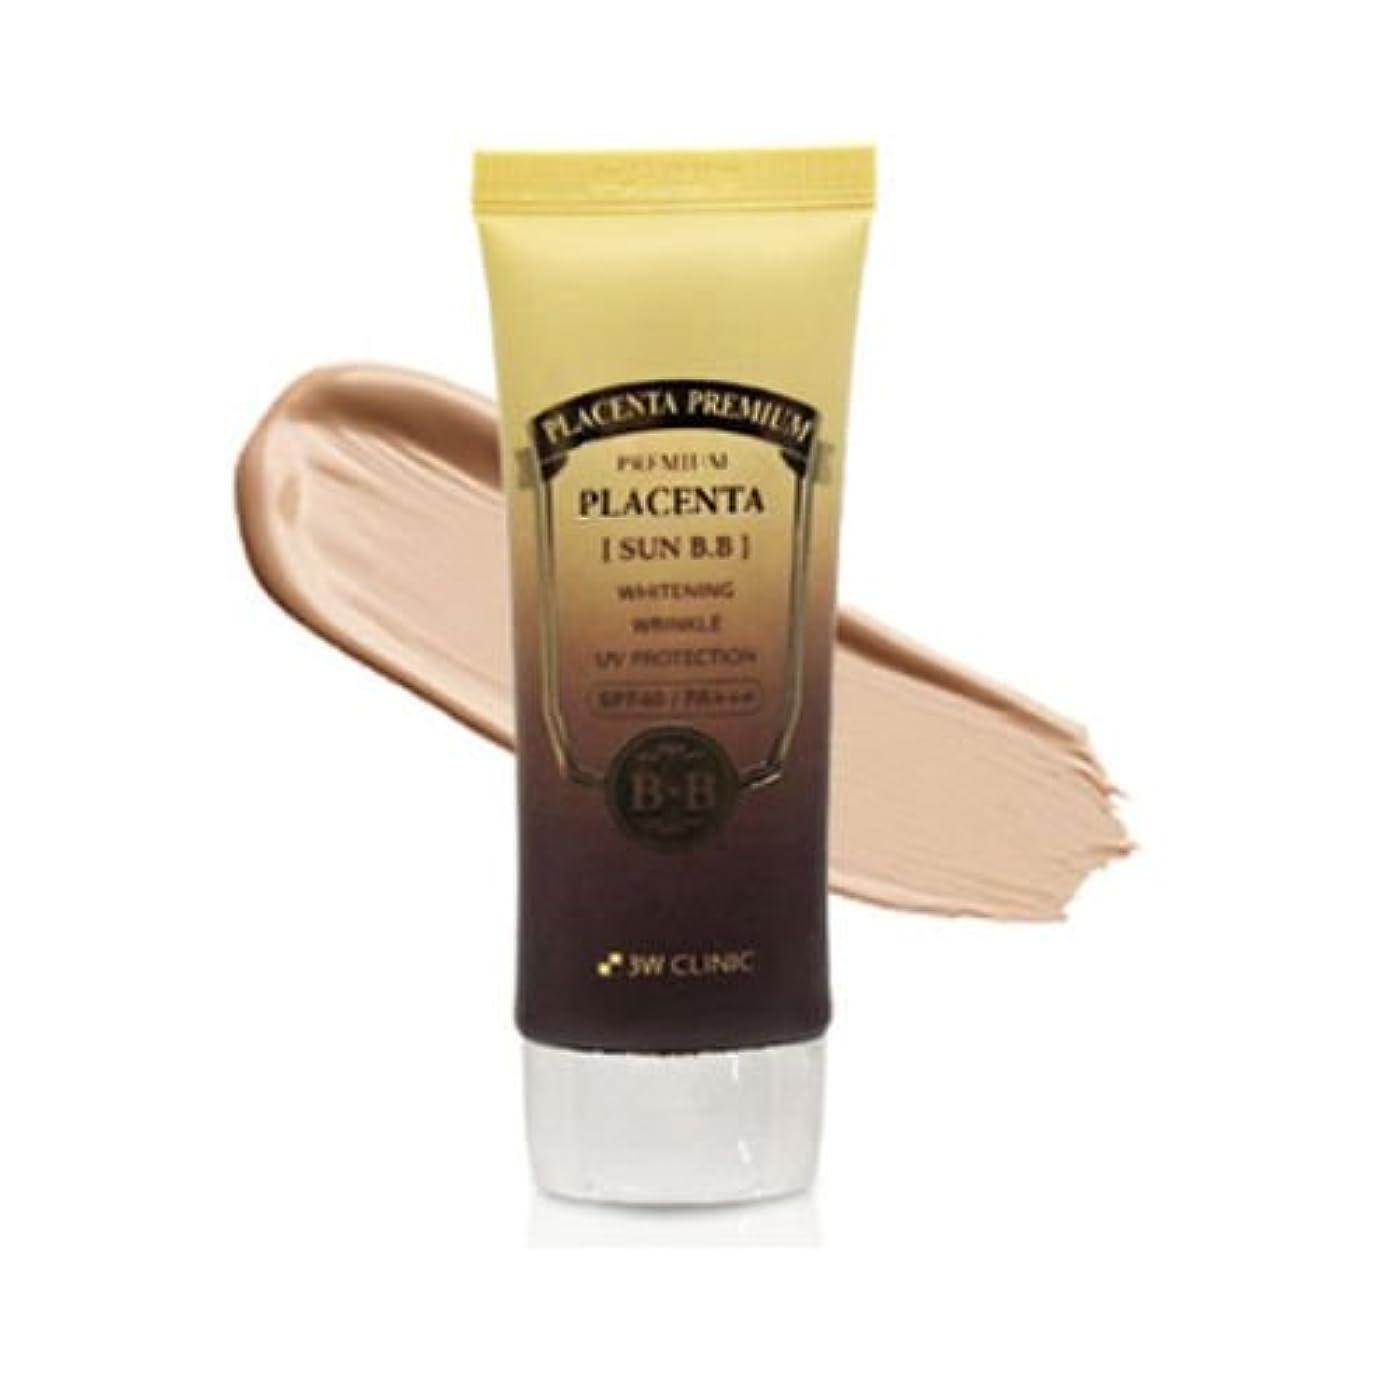 3Wクリニック[韓国コスメ3w Clinic]Premium Placenta Sun BB Cream プレミアムプラセンタサンBBクリーム70ml SPF40 PA+++ UV しわ管理[並行輸入品]